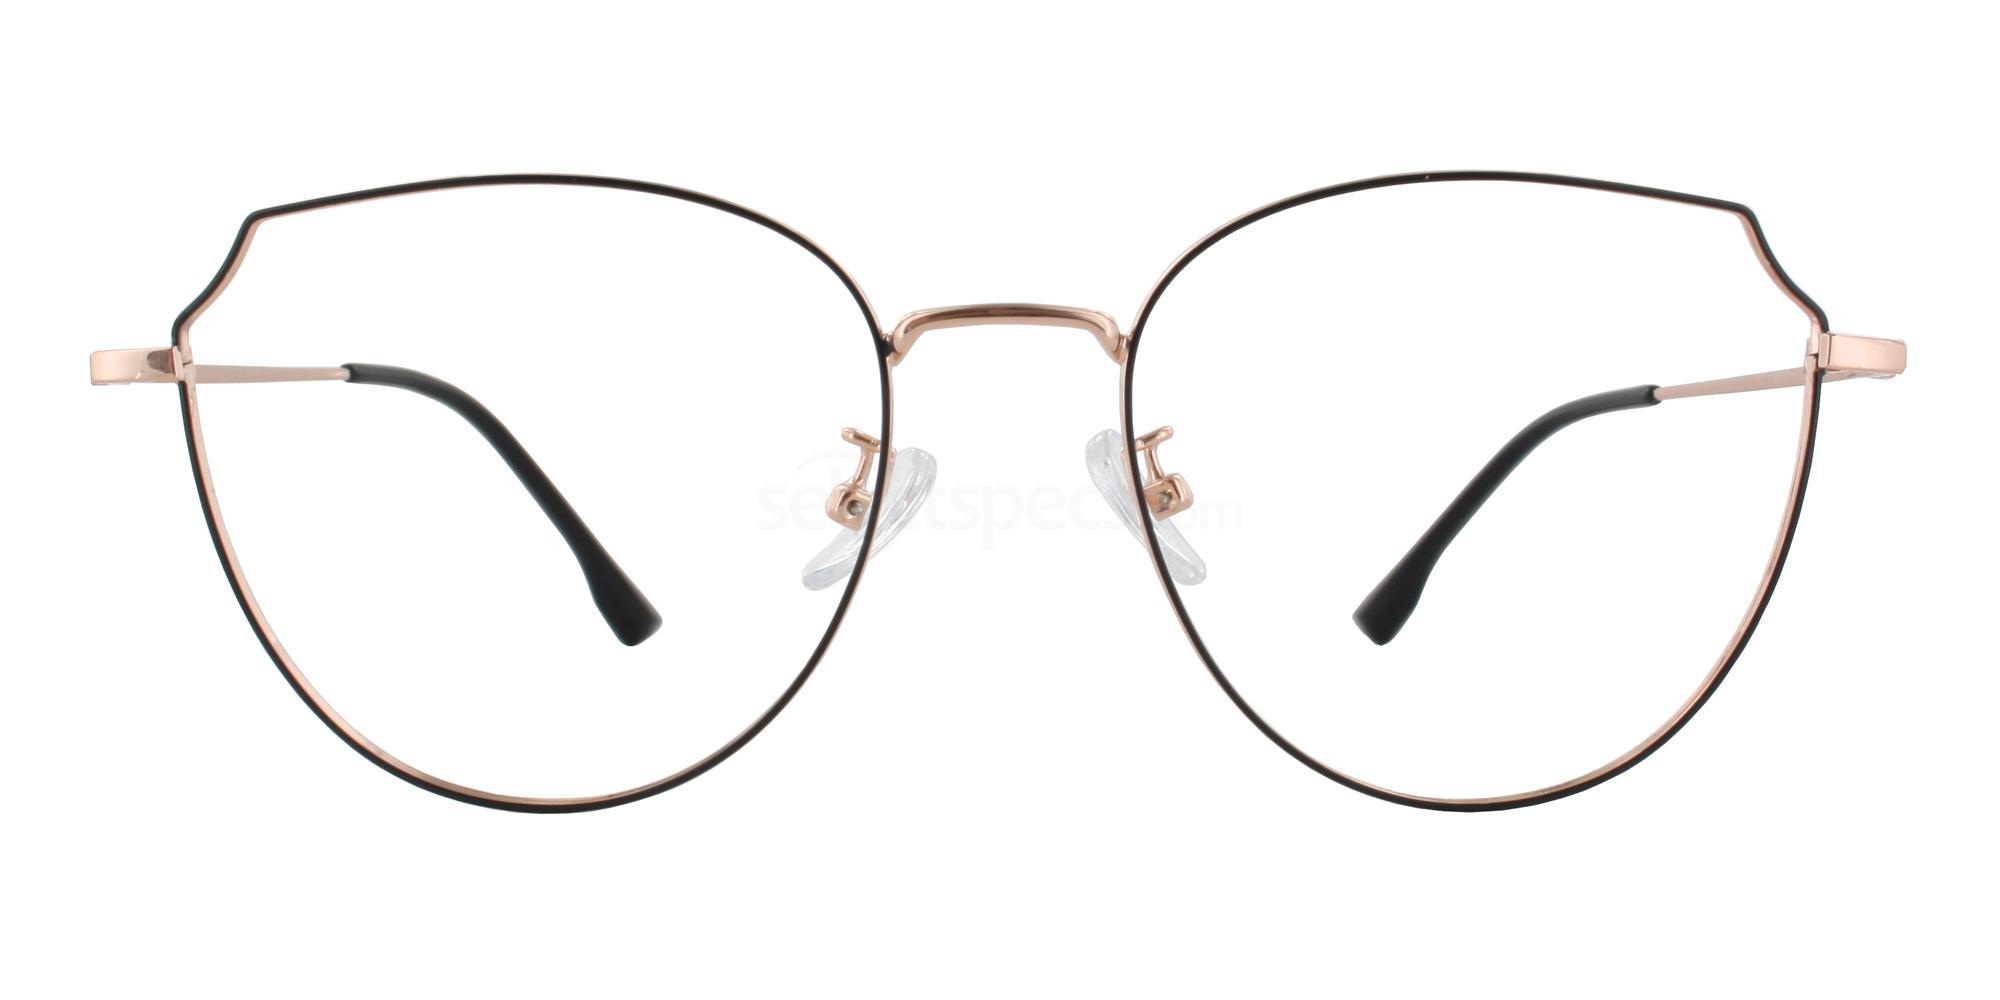 C1 6311 Glasses, SelectSpecs